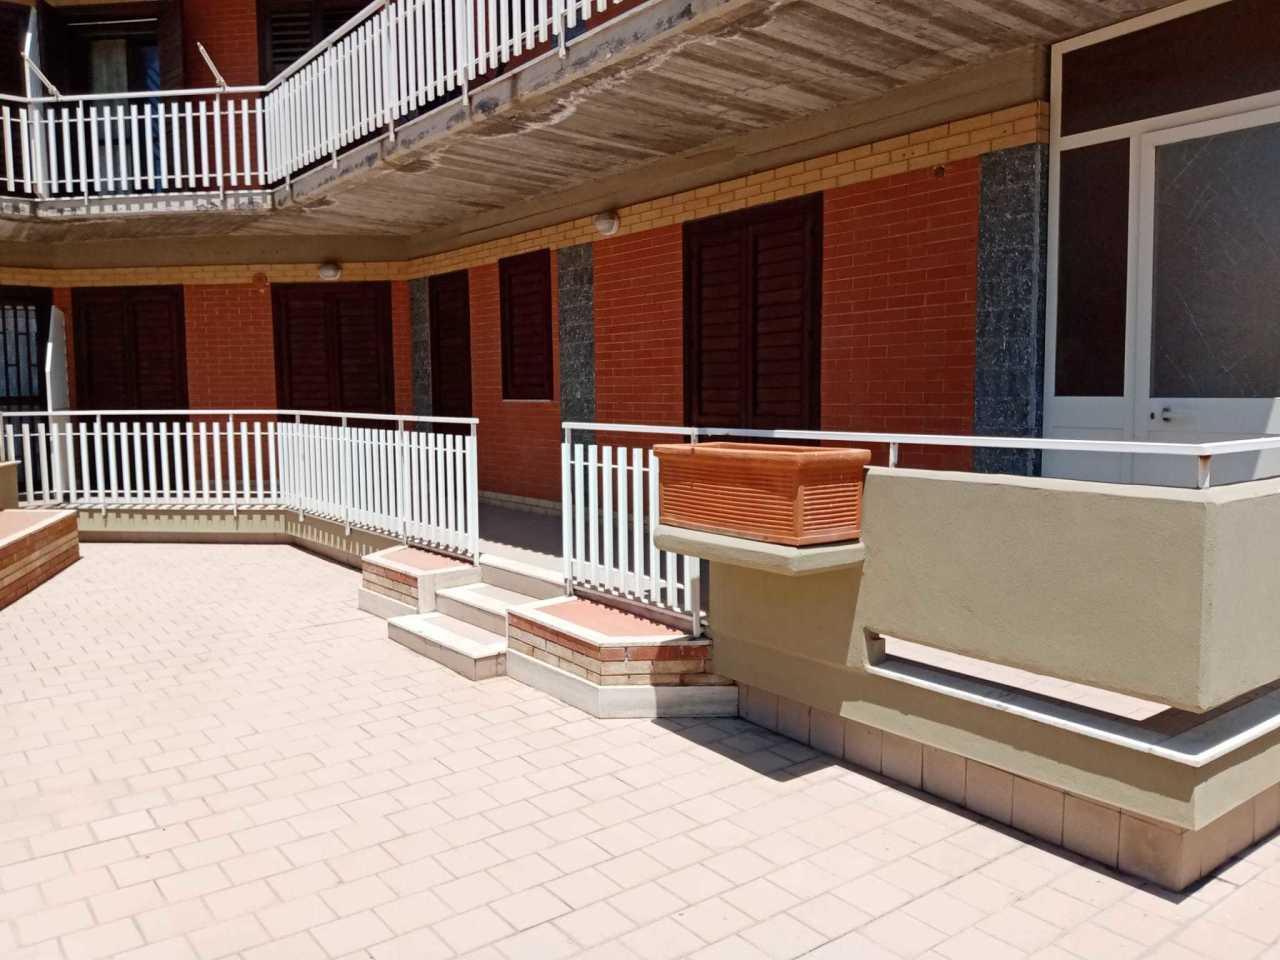 Appartamento in vendita a Tremestieri Etneo, 3 locali, prezzo € 135.000 | PortaleAgenzieImmobiliari.it